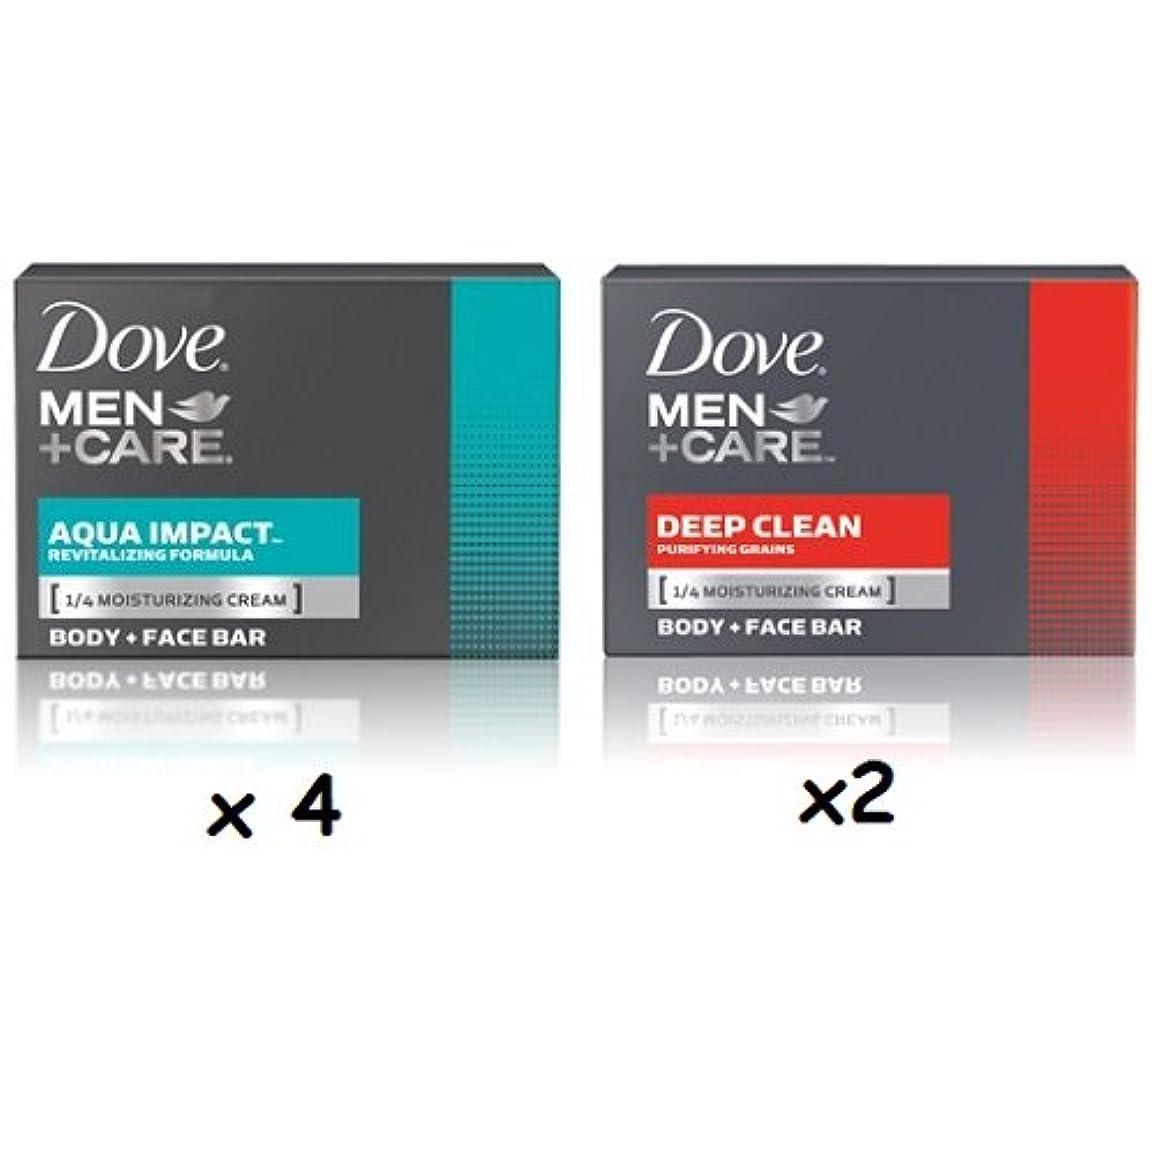 ロードハウスブランデートーナメント【6個セット】Dove MEN+CARE Body&Face Bar Soap (4ozx6) ダヴ メンズプラスケア 体&顔用の固形石鹸(113gx6)(Deep Clean 4個とAqua Impact2個 合計6個...